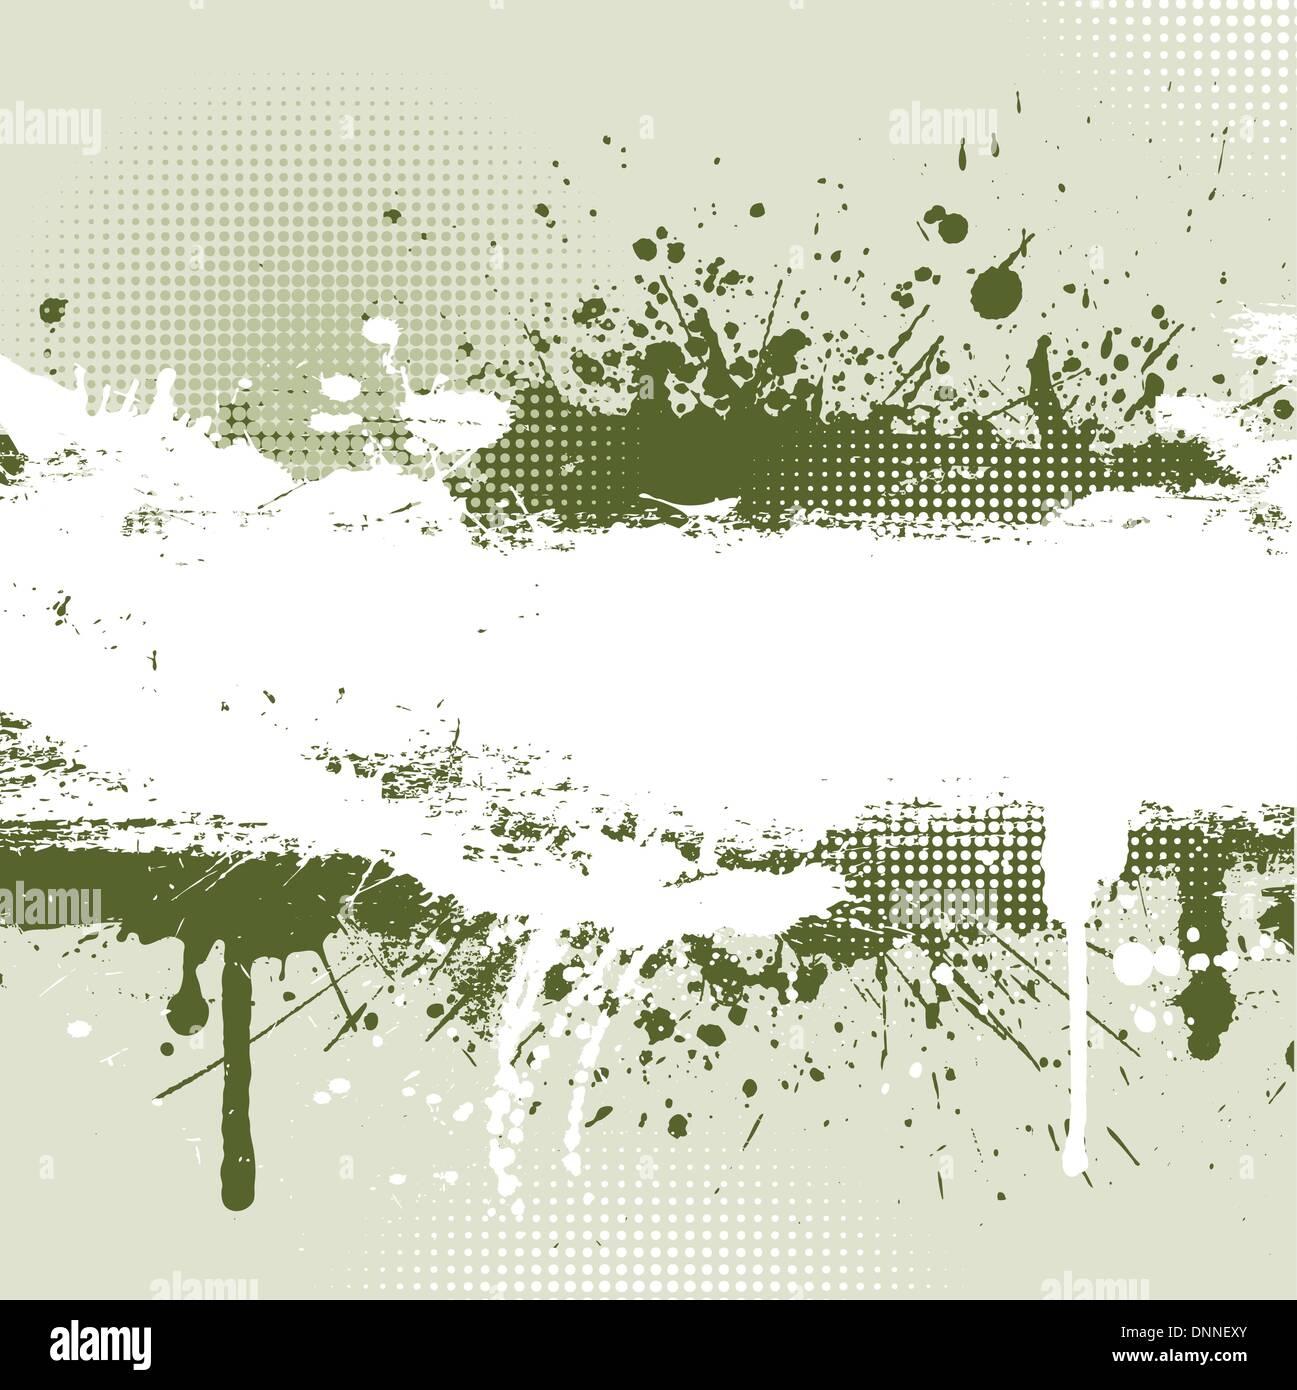 Dettagliato sfondo grunge con splats e gocciolamenti Immagini Stock